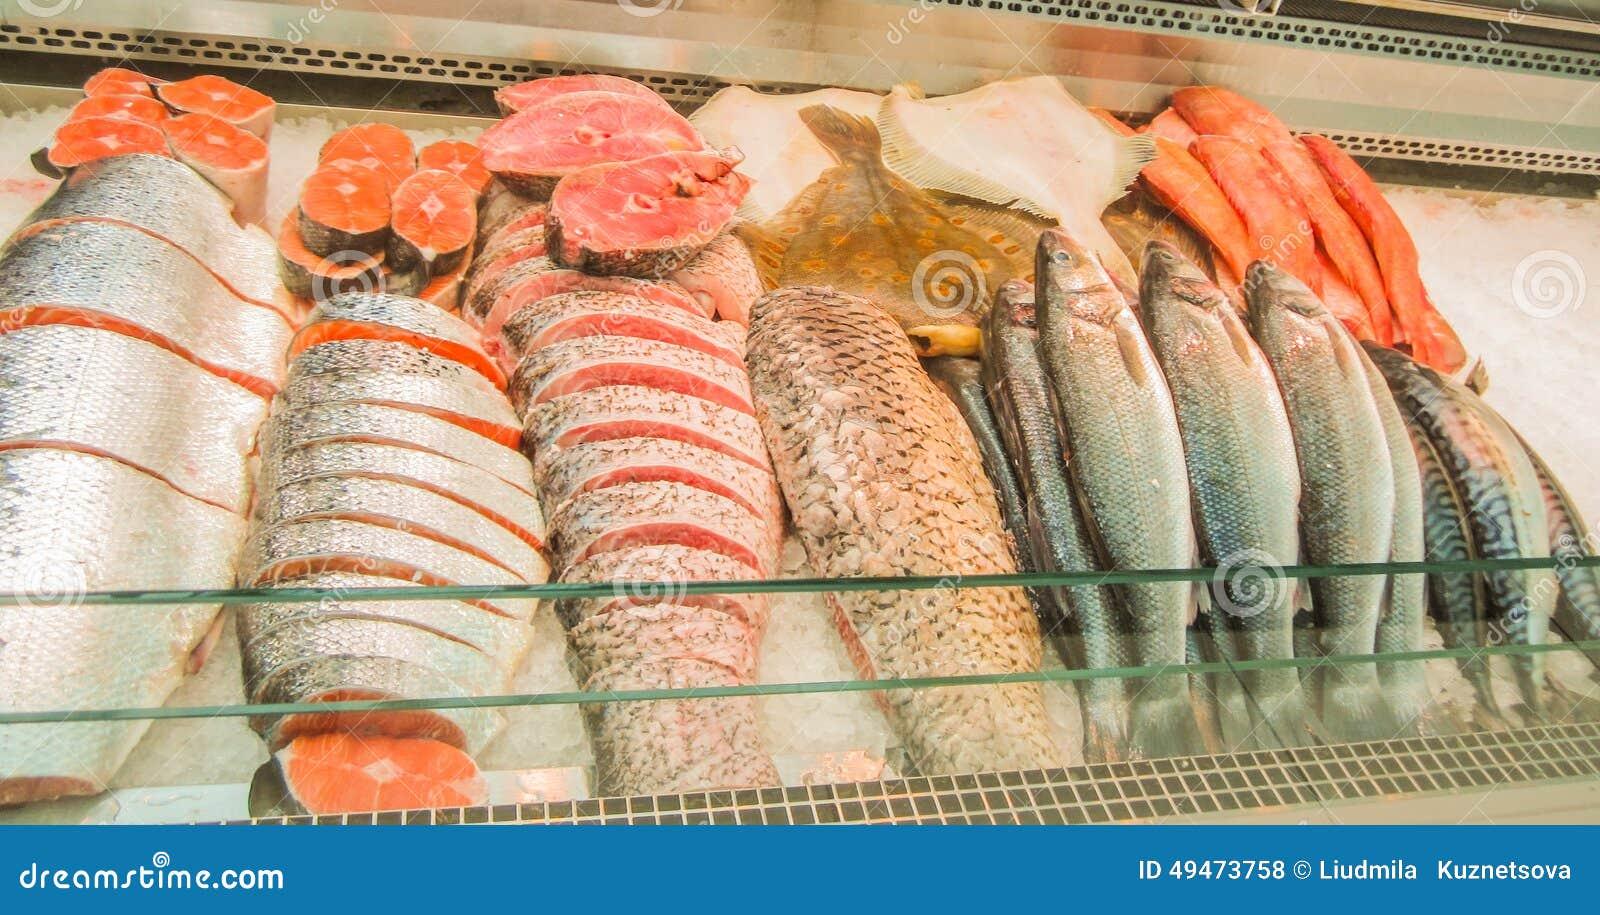 Pesce crudo pronto per la vendita nel mercato